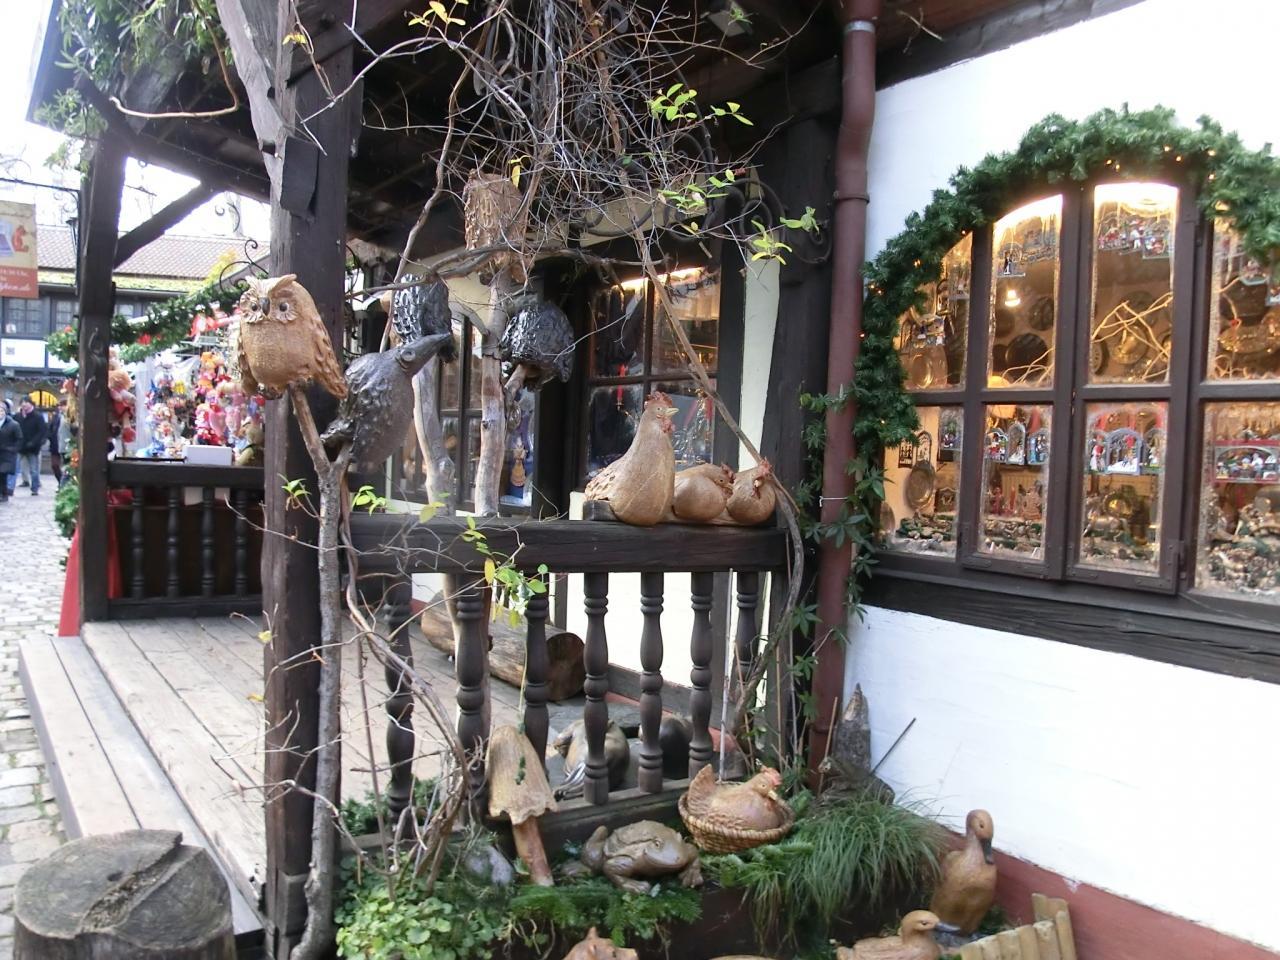 ドイツ・クリスマスマーケットめぐり②ニュルンベルク